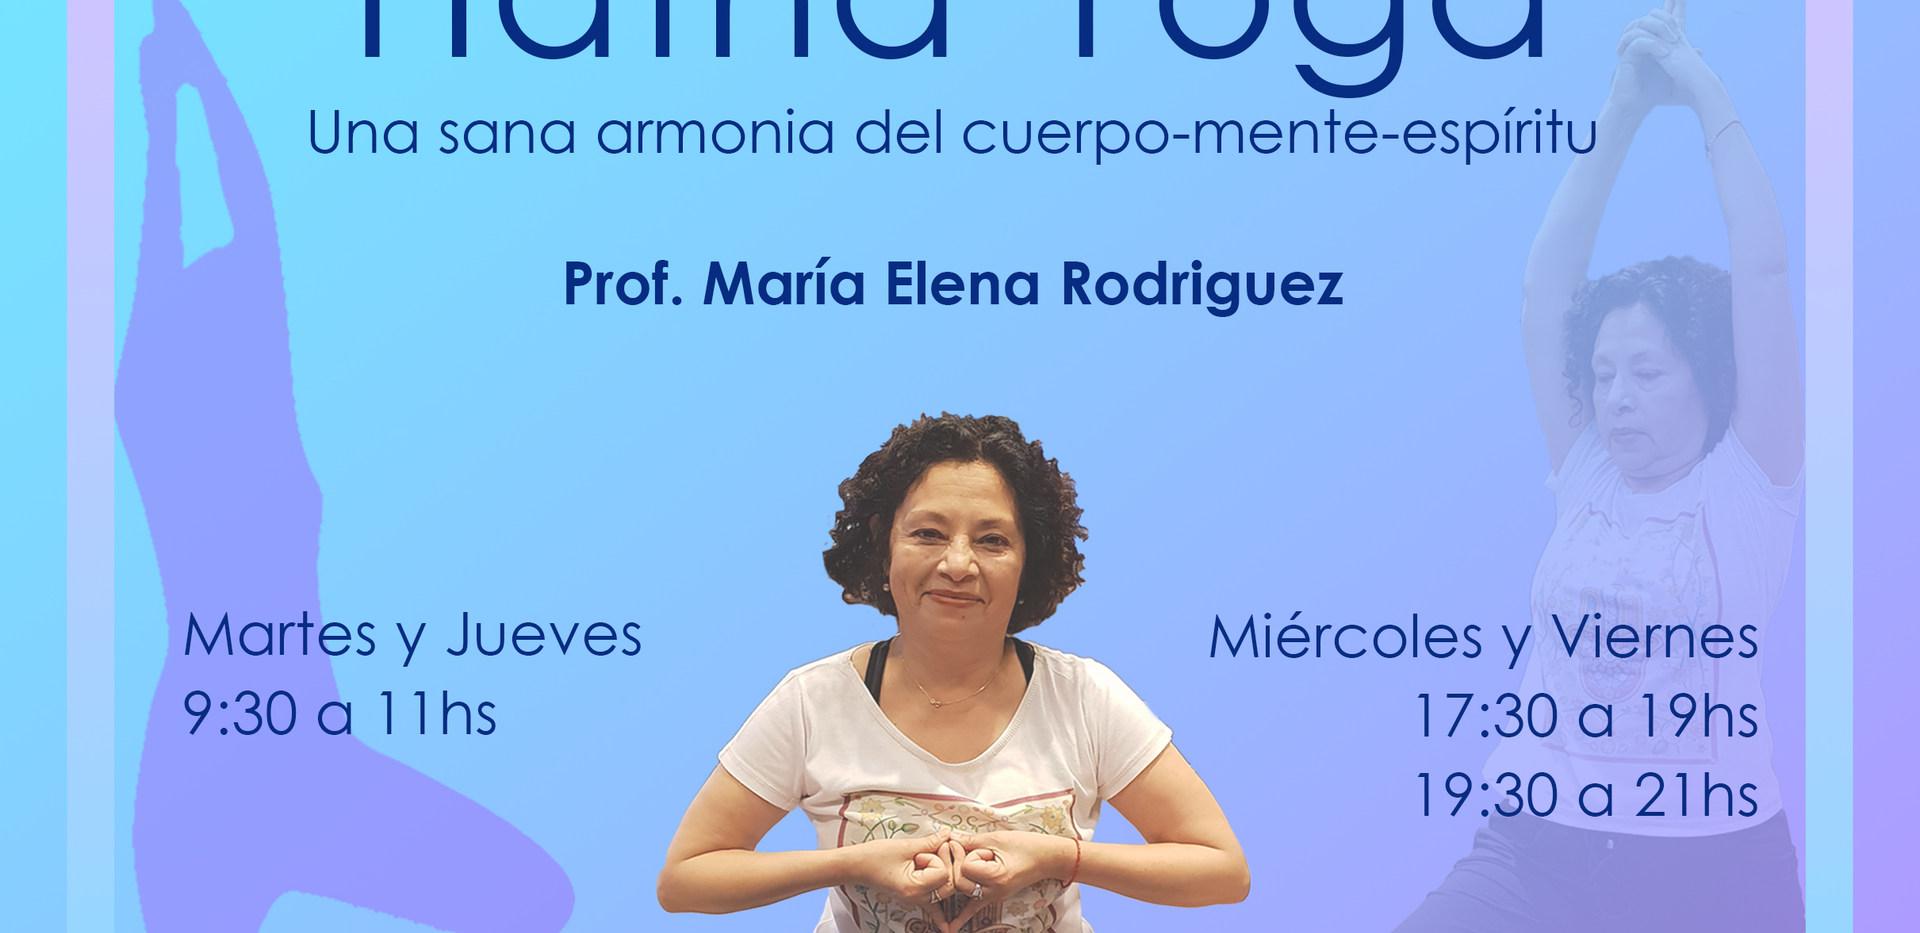 La práctica de yoga apunta hacia una mejora en la salud psicofísica a través de técnicas de: estiramientos dinámicos y estáticos, fortalecimiento, coordinación y equilibrio, ritmos respiratorios, focalización de la consciencia y meditación; nos lleva a tener una actitud positiva frente a la vida, estabilidad emocional con el fin de alcanzar la paz mental, la alegría interior y el reencuentro con el Ser.  Yoga es experiencial.